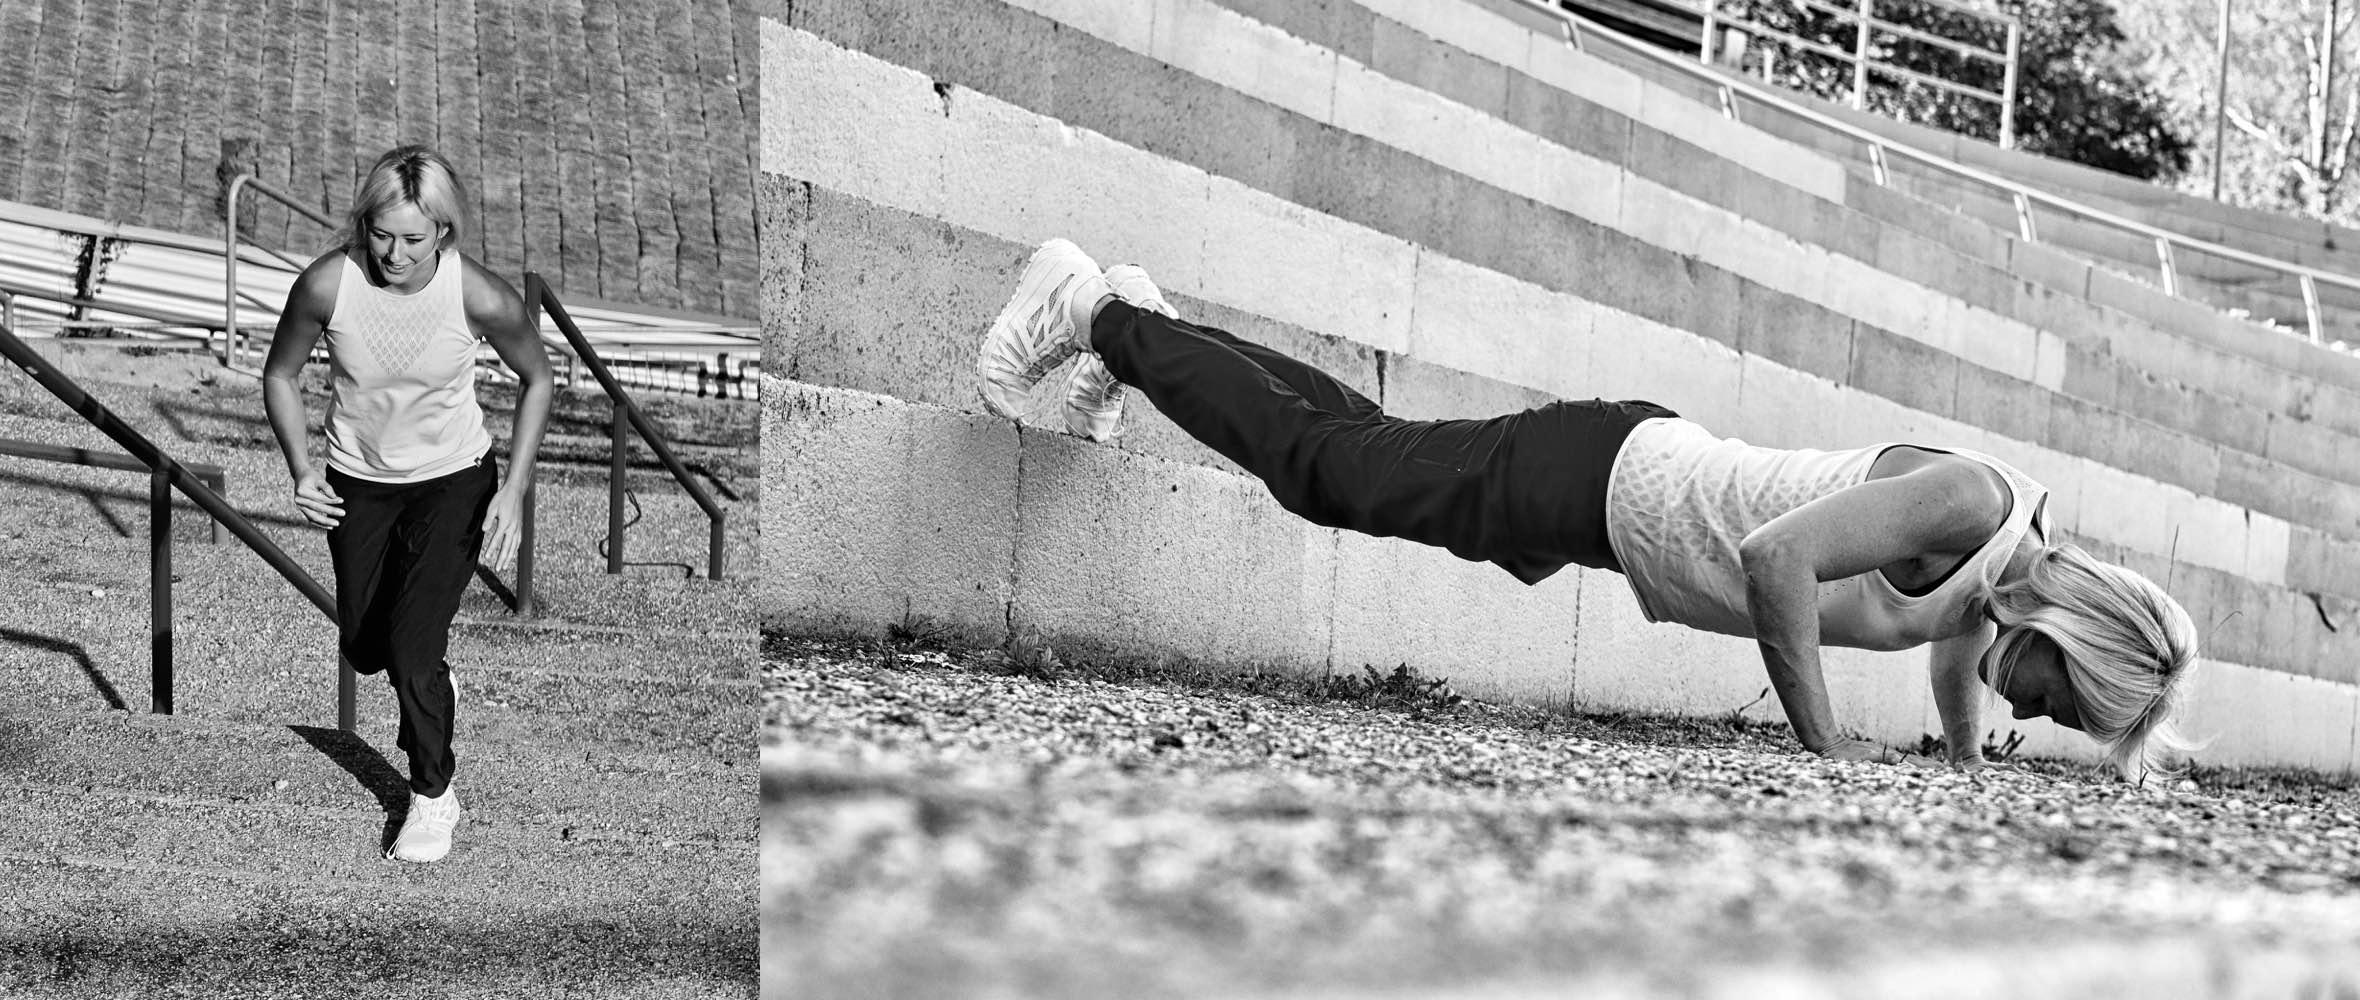 Mammut Pro Team Athletin Sierra Blair-Coyle beim Training im urbanen Raum